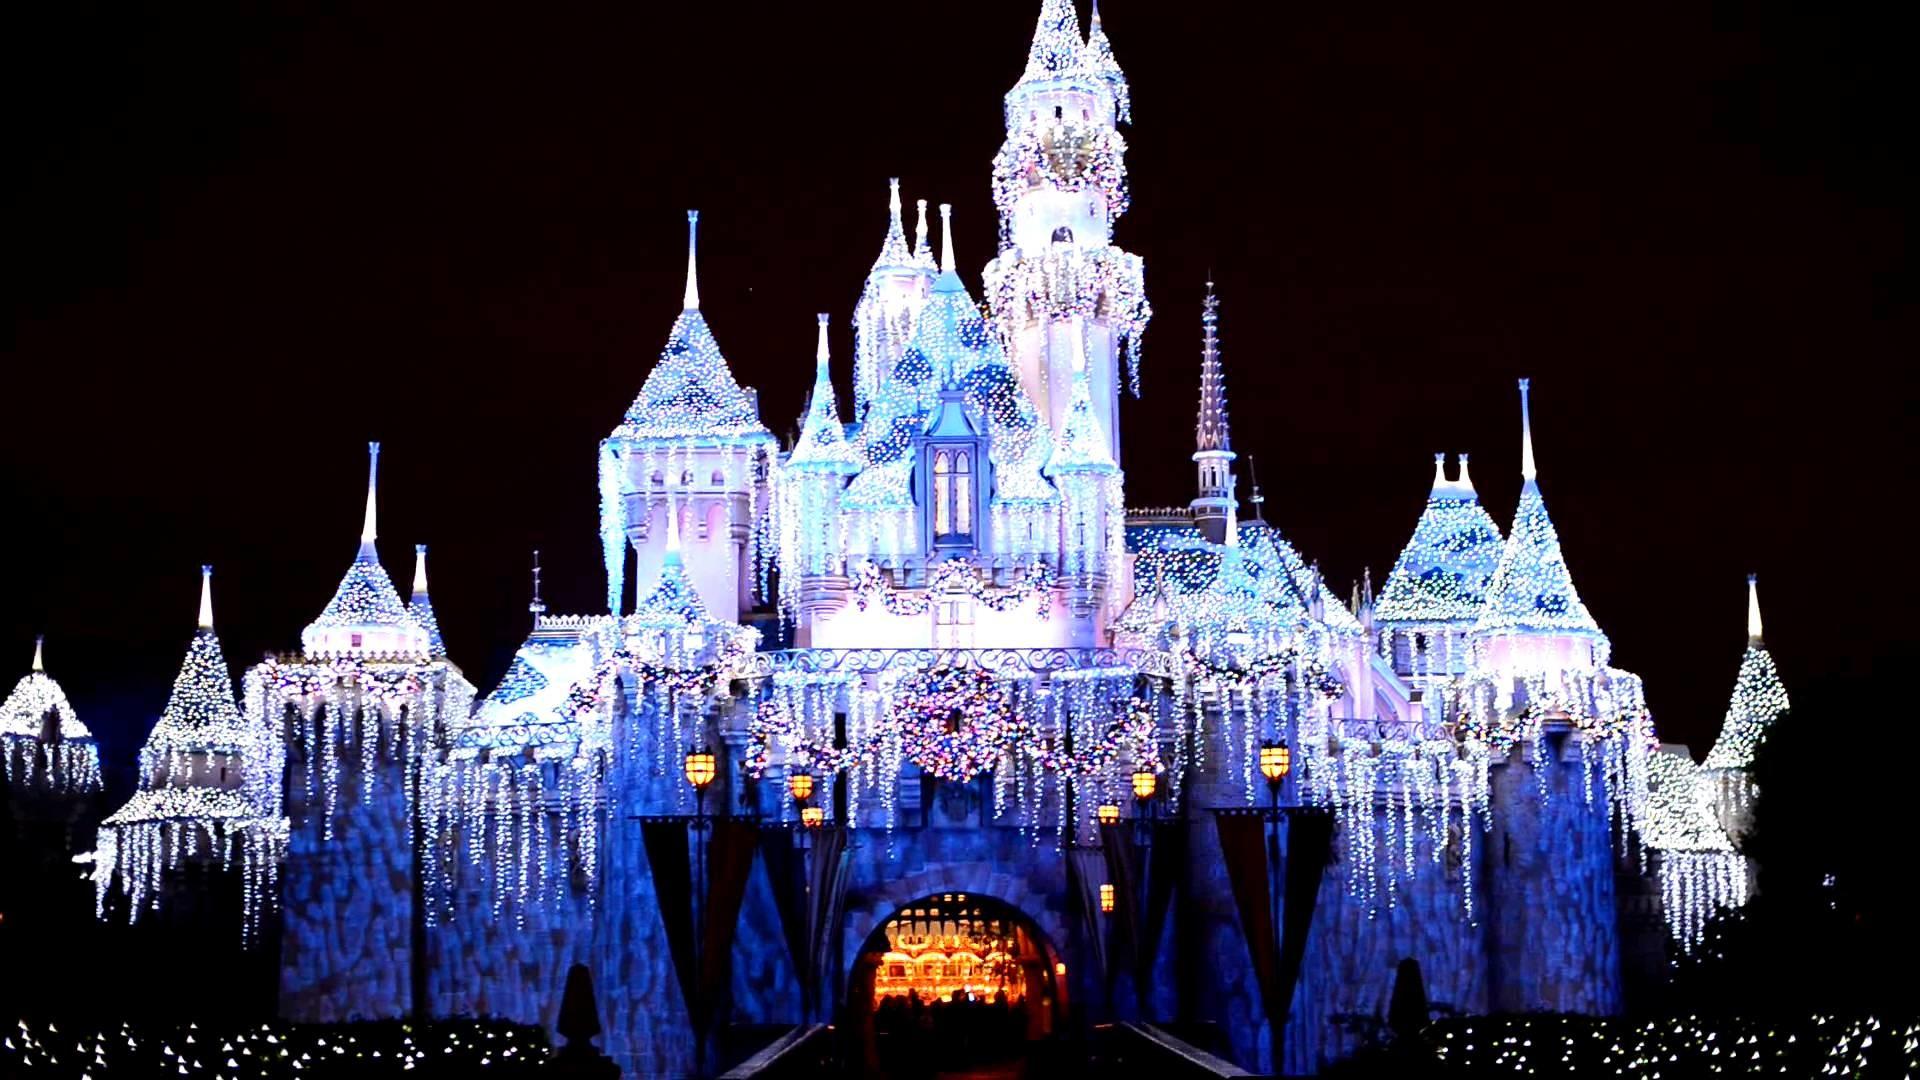 Disney Princess 3d Wallpaper Disney Castle Wallpaper Hd 72 Images